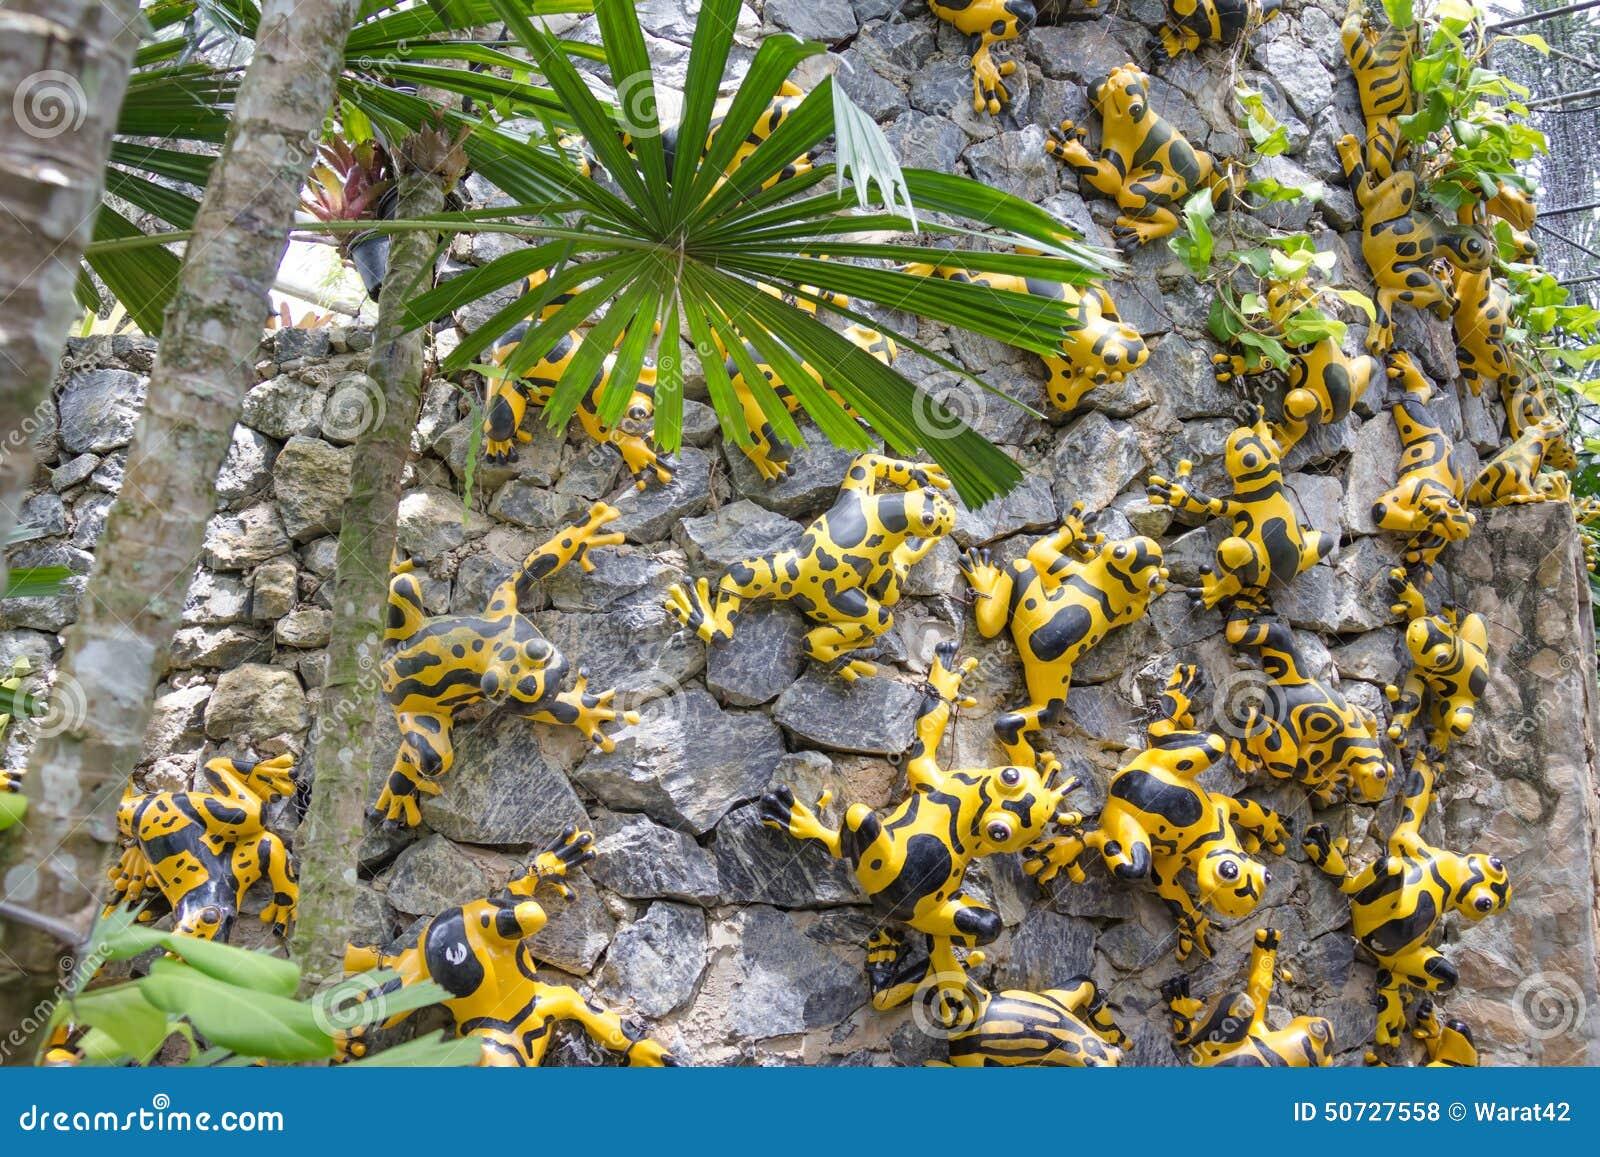 La grenouille synth tique comme d coration de jardin dans for Decoration jardin grenouille